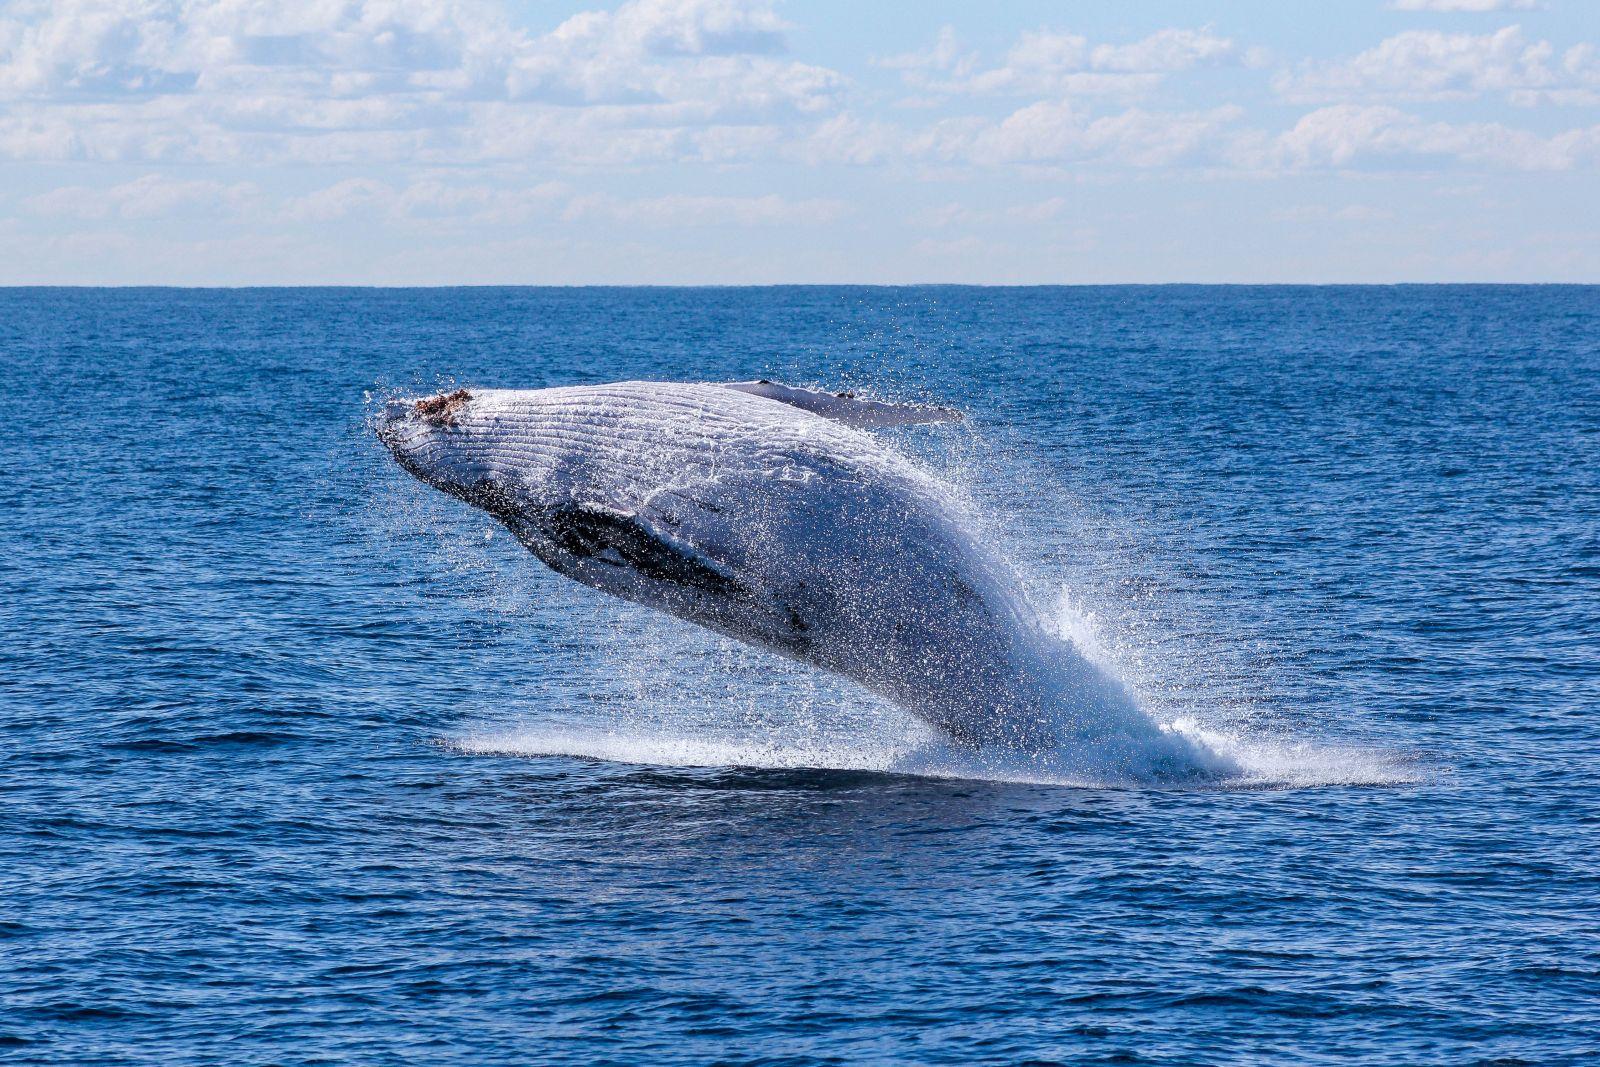 Ein Buckelwahl der sich auf atemberaubende Weise aus dem Meer in die Luft schraubt und sich in jenem Moment wieder zurück fallen lässt